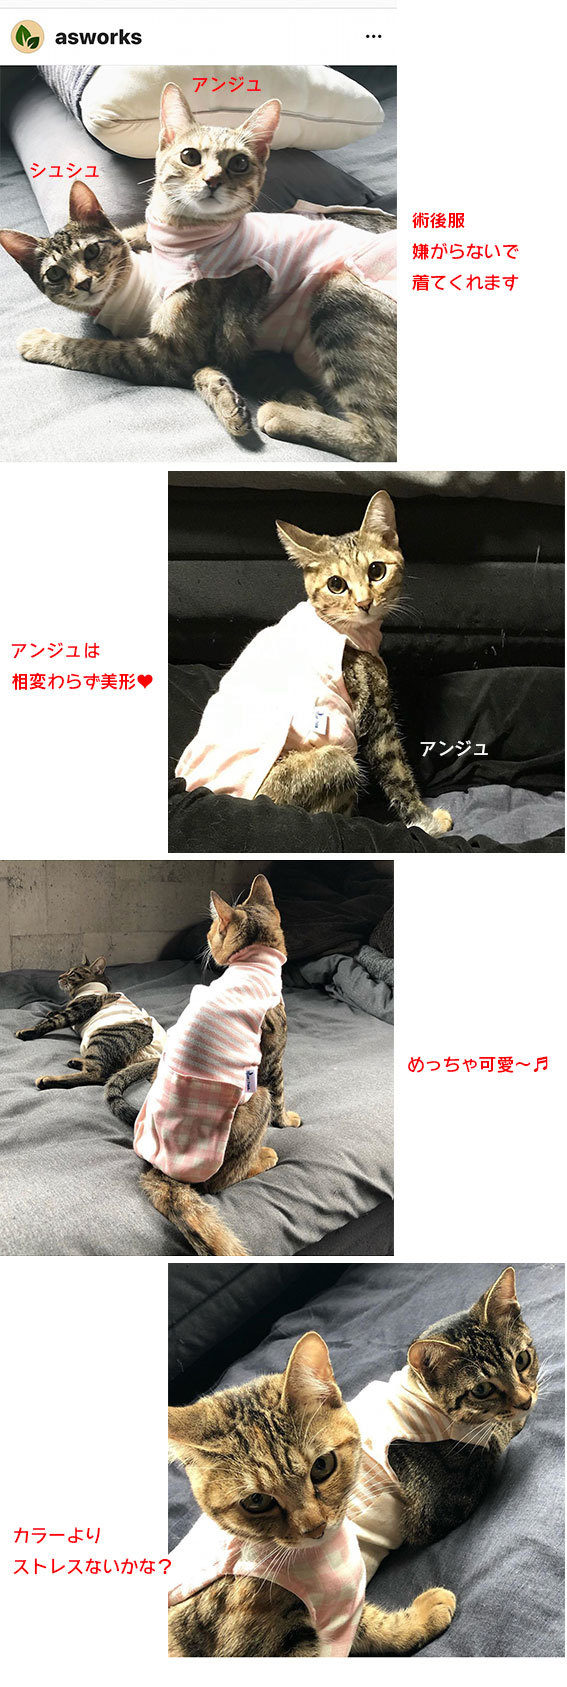 子猫のオモチャ&シュシュとアンジュ&ヨモギとフースケ&ミミちゃん通信_d0071596_23533749.jpg